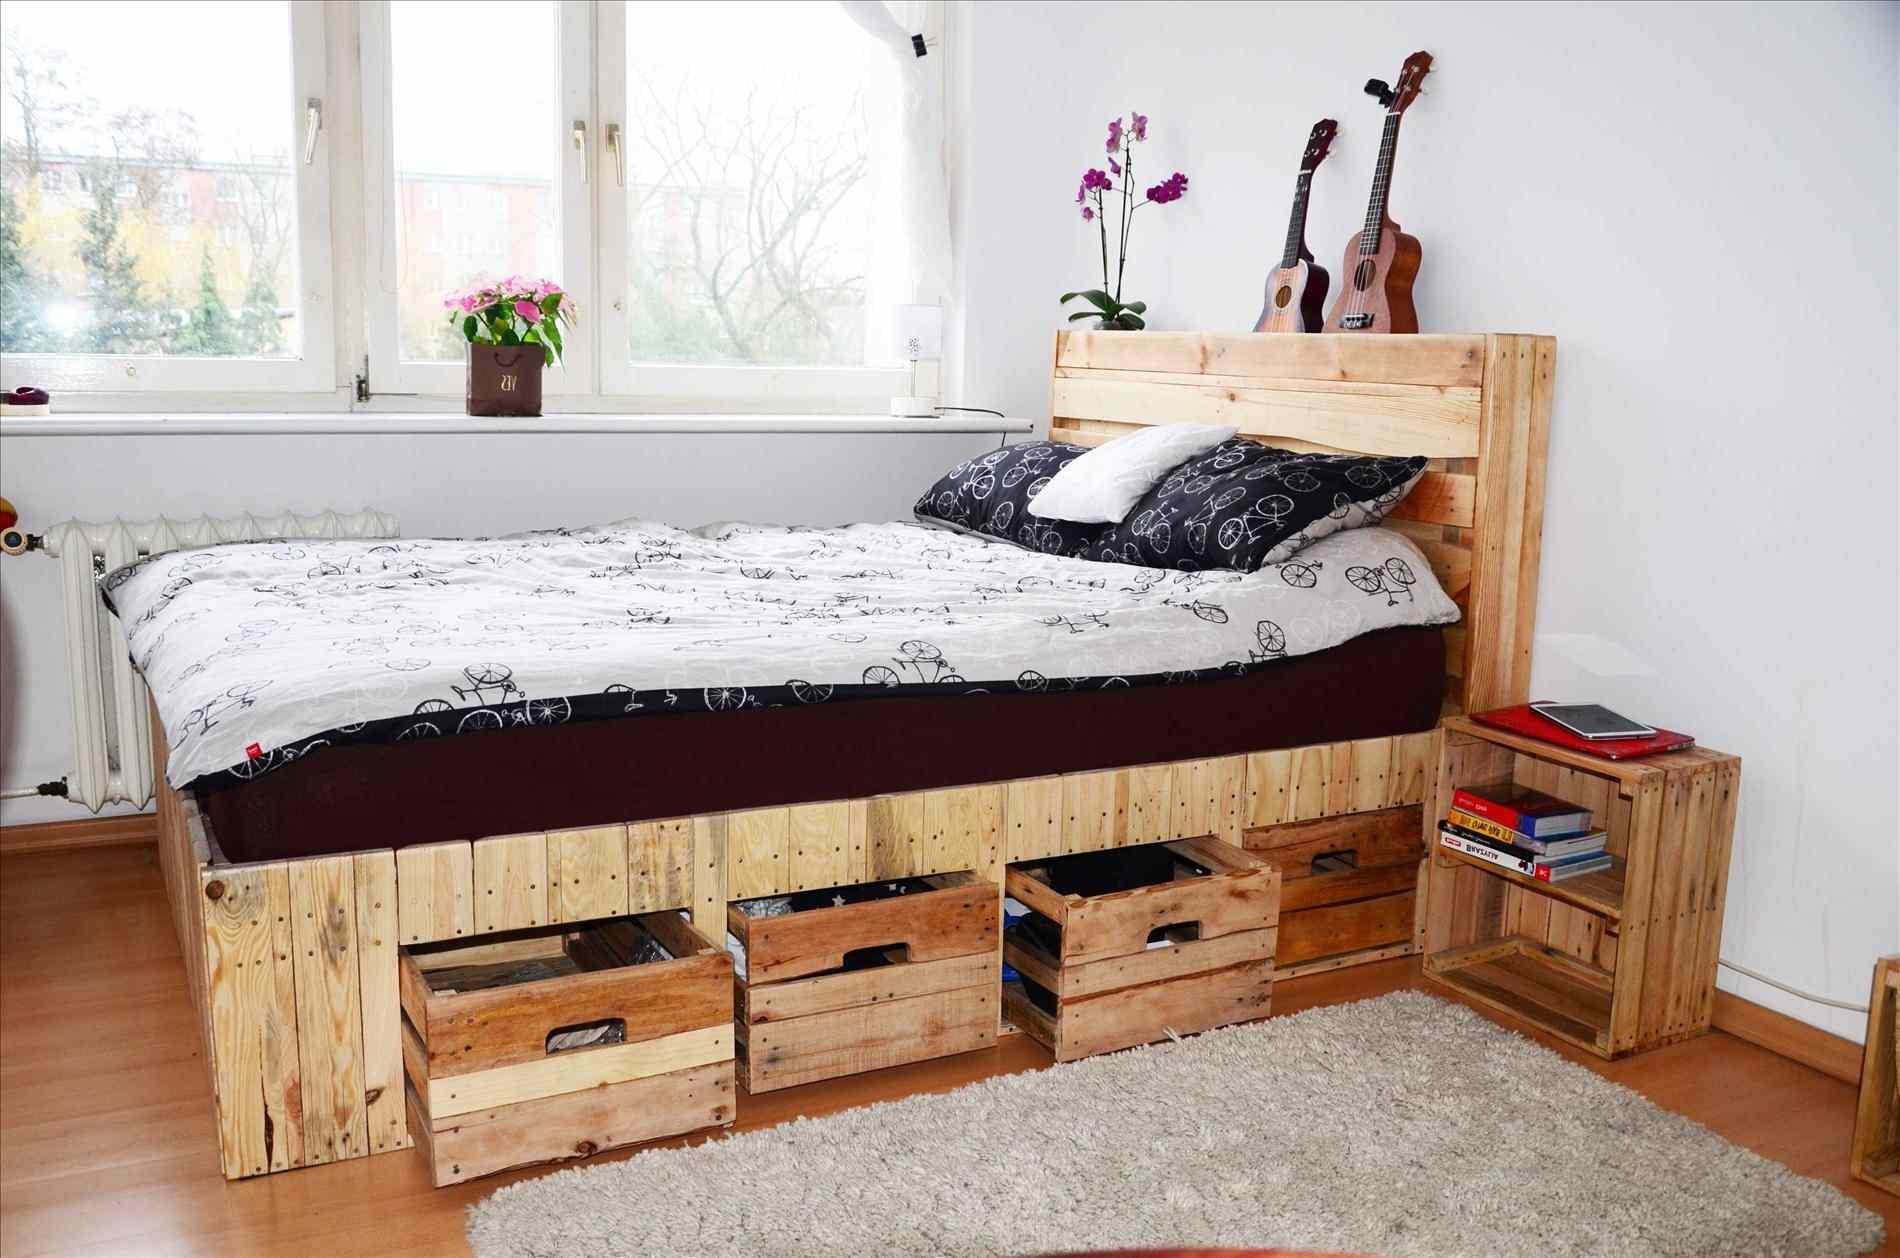 decoracion con palets ideas DIY, dormitorio moderno y acogedor, cama de palets con cajas de fruta recicladas